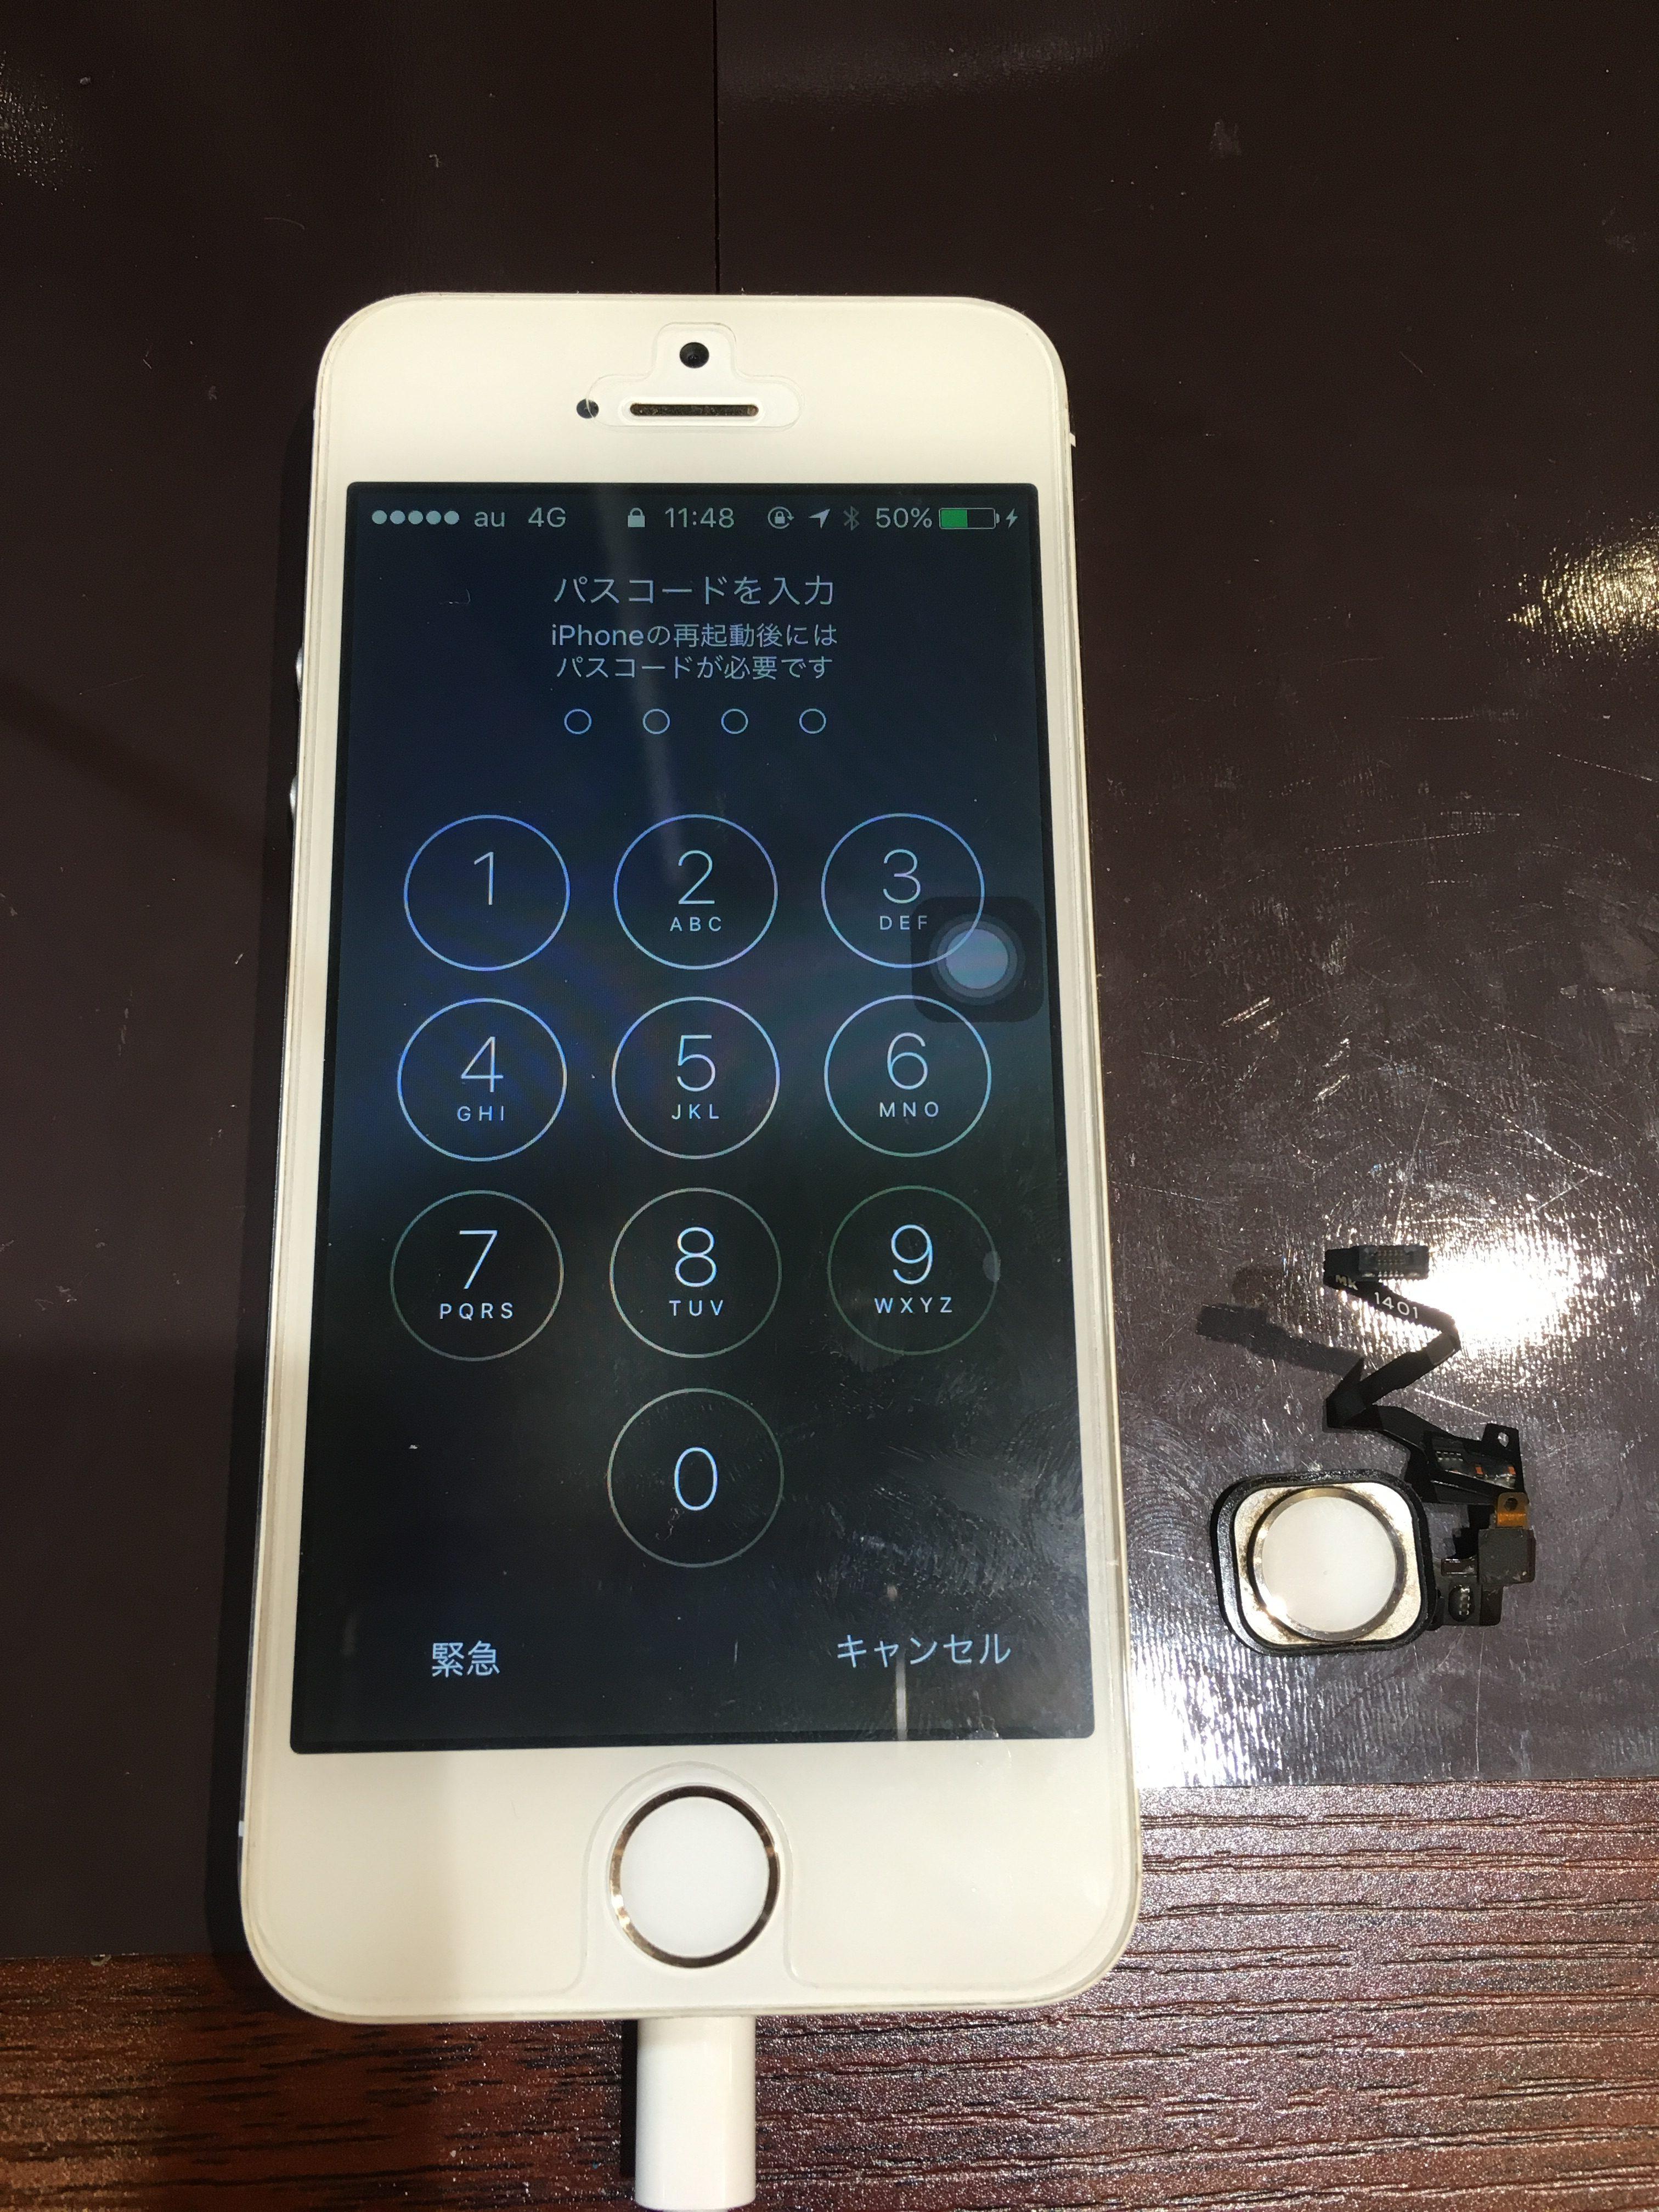 2年使った愛着のあるiPhoneも蘇る!ホームボタン故障して操作できない( ノД`)それも直せます!!!データそのまま即日修理可能(^_-)-☆尼崎市伊丹市エリアでアイフォン修理店をお探しならスマートクール!iPhone6ホームボタン修理☆【伊丹市よりお越しのお客様】